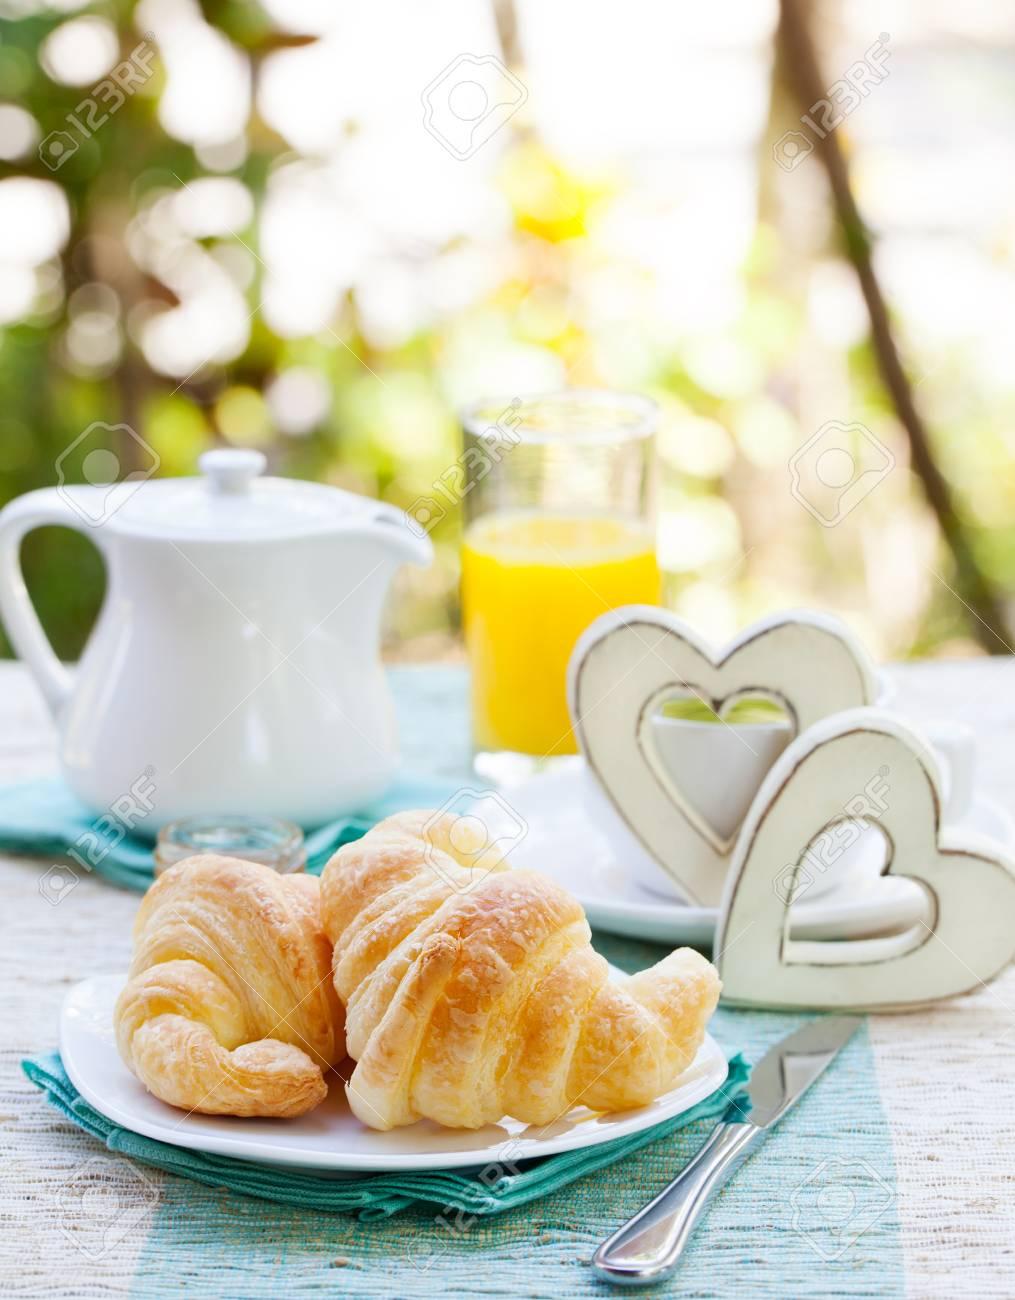 petit dejeuner romantique avec amour croissants cafe jus coeurs en bois fond d ete espace de copie